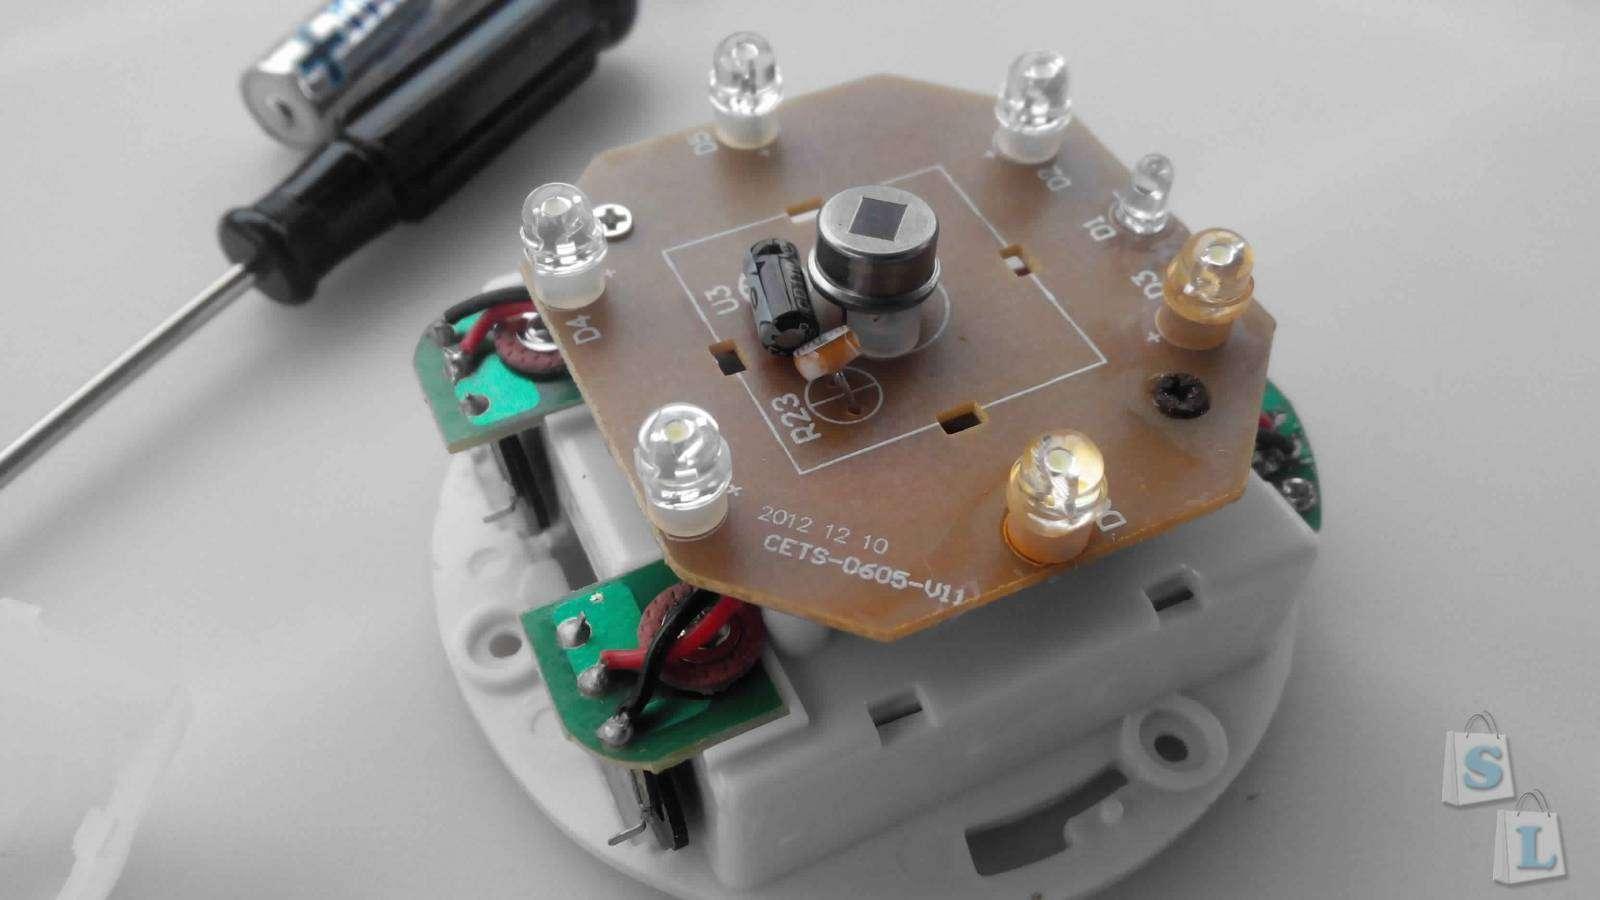 Ebay: LED светильник со встроенным датчиком освещения и движения -  4 x ААА